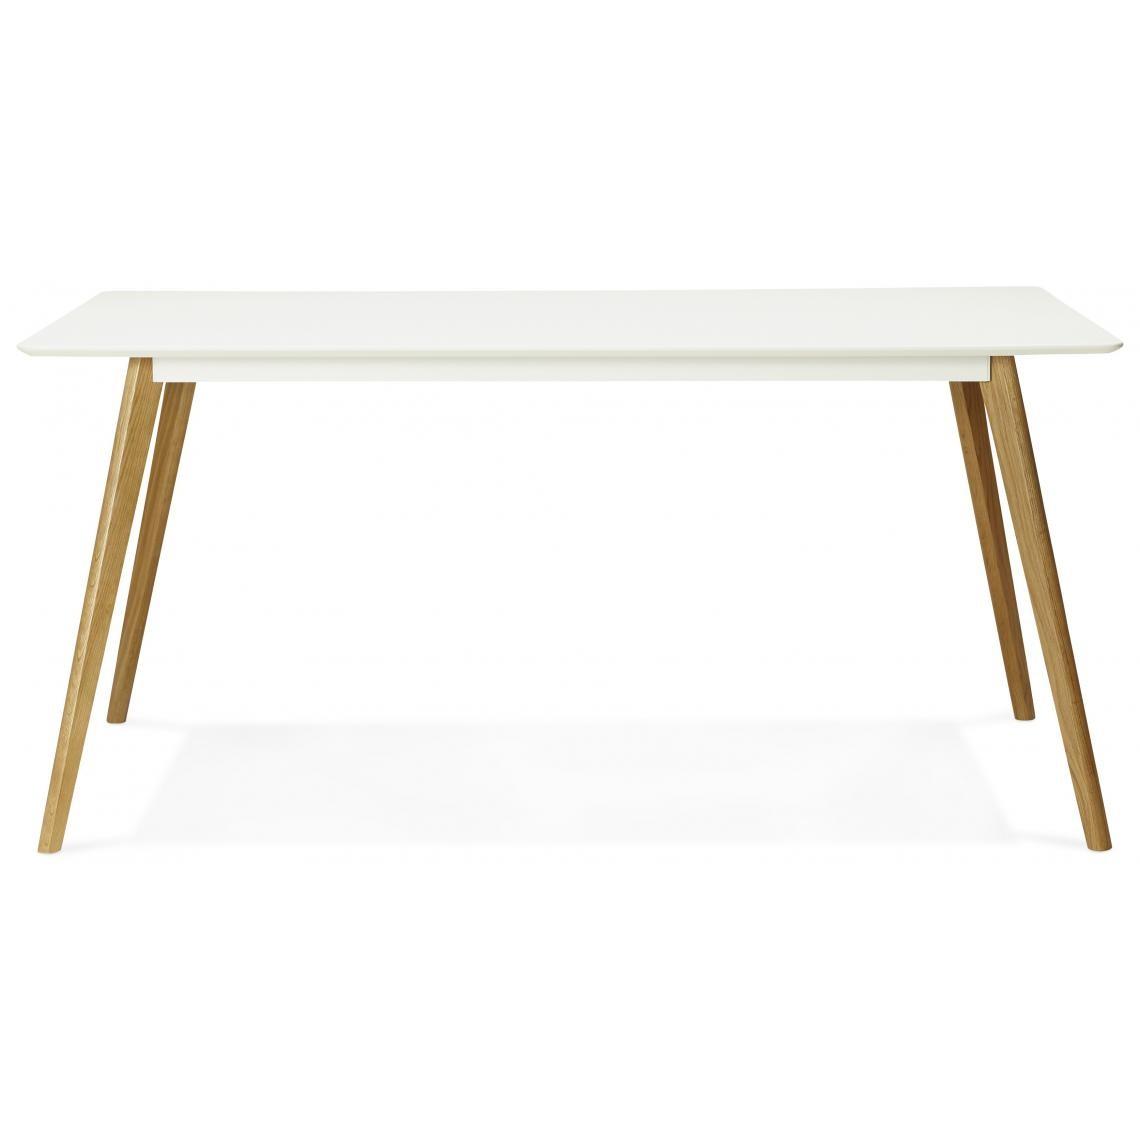 Table Blanche Pied Bois table à manger rectangulaire blanche pieds bois candy plus de détails